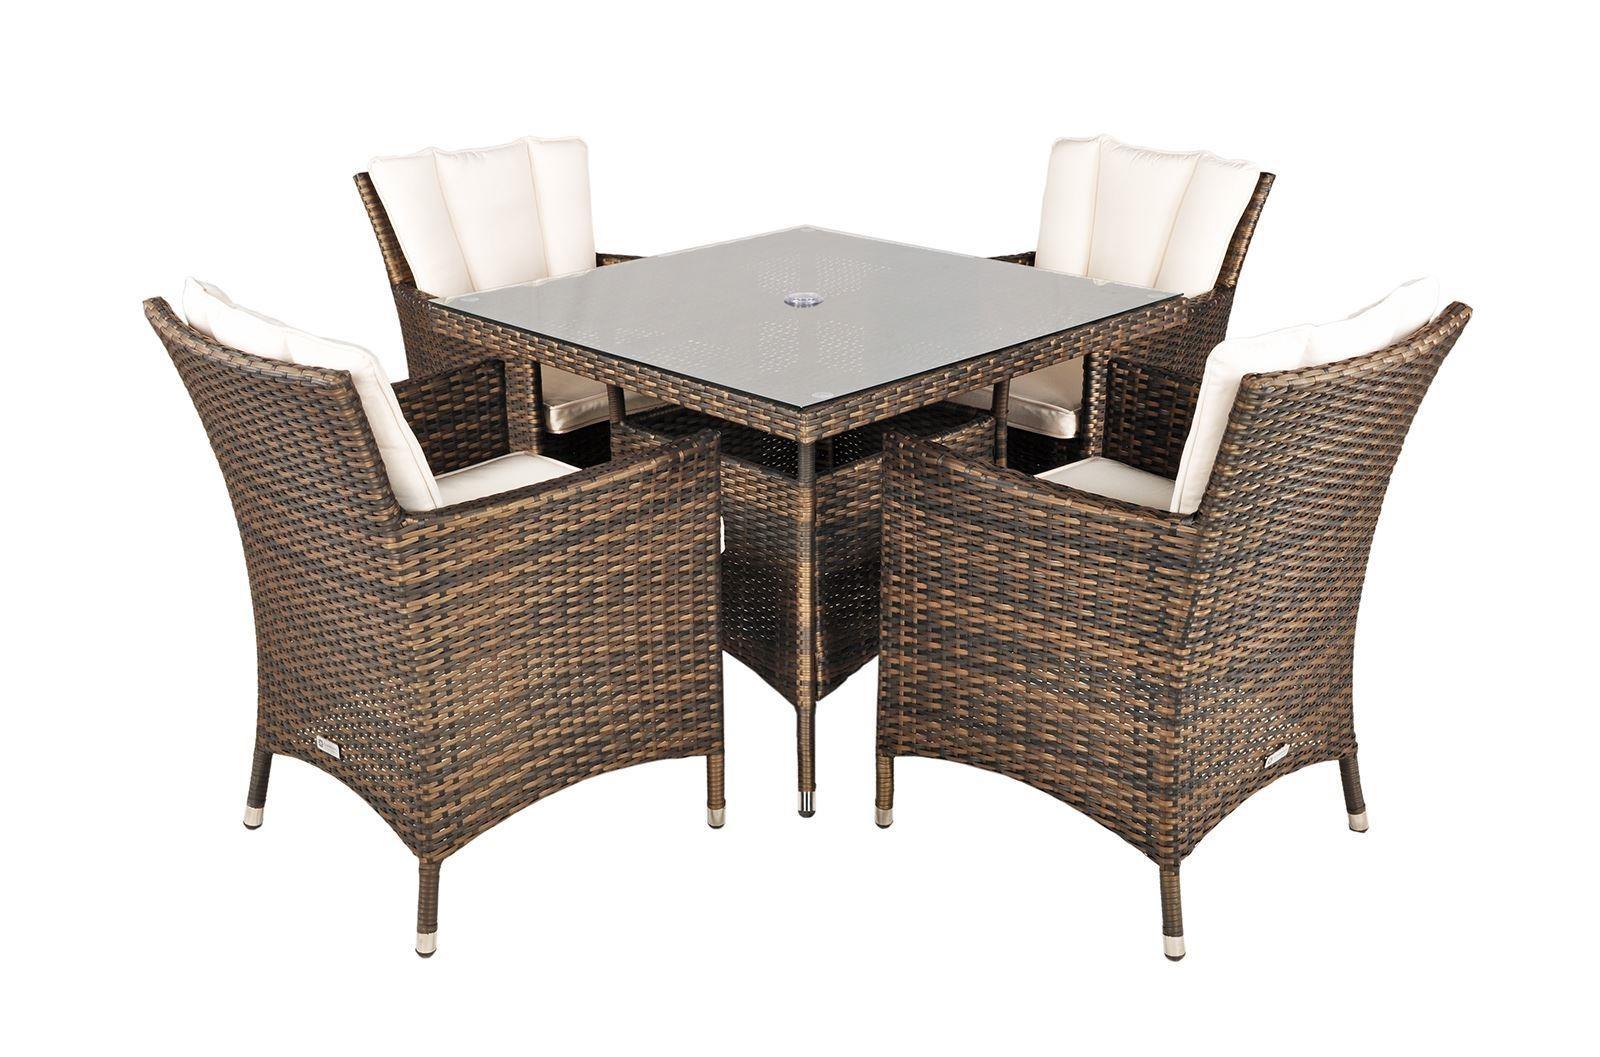 Savannah rattan garden furniture 4 seat dining set for Modern furniture direct